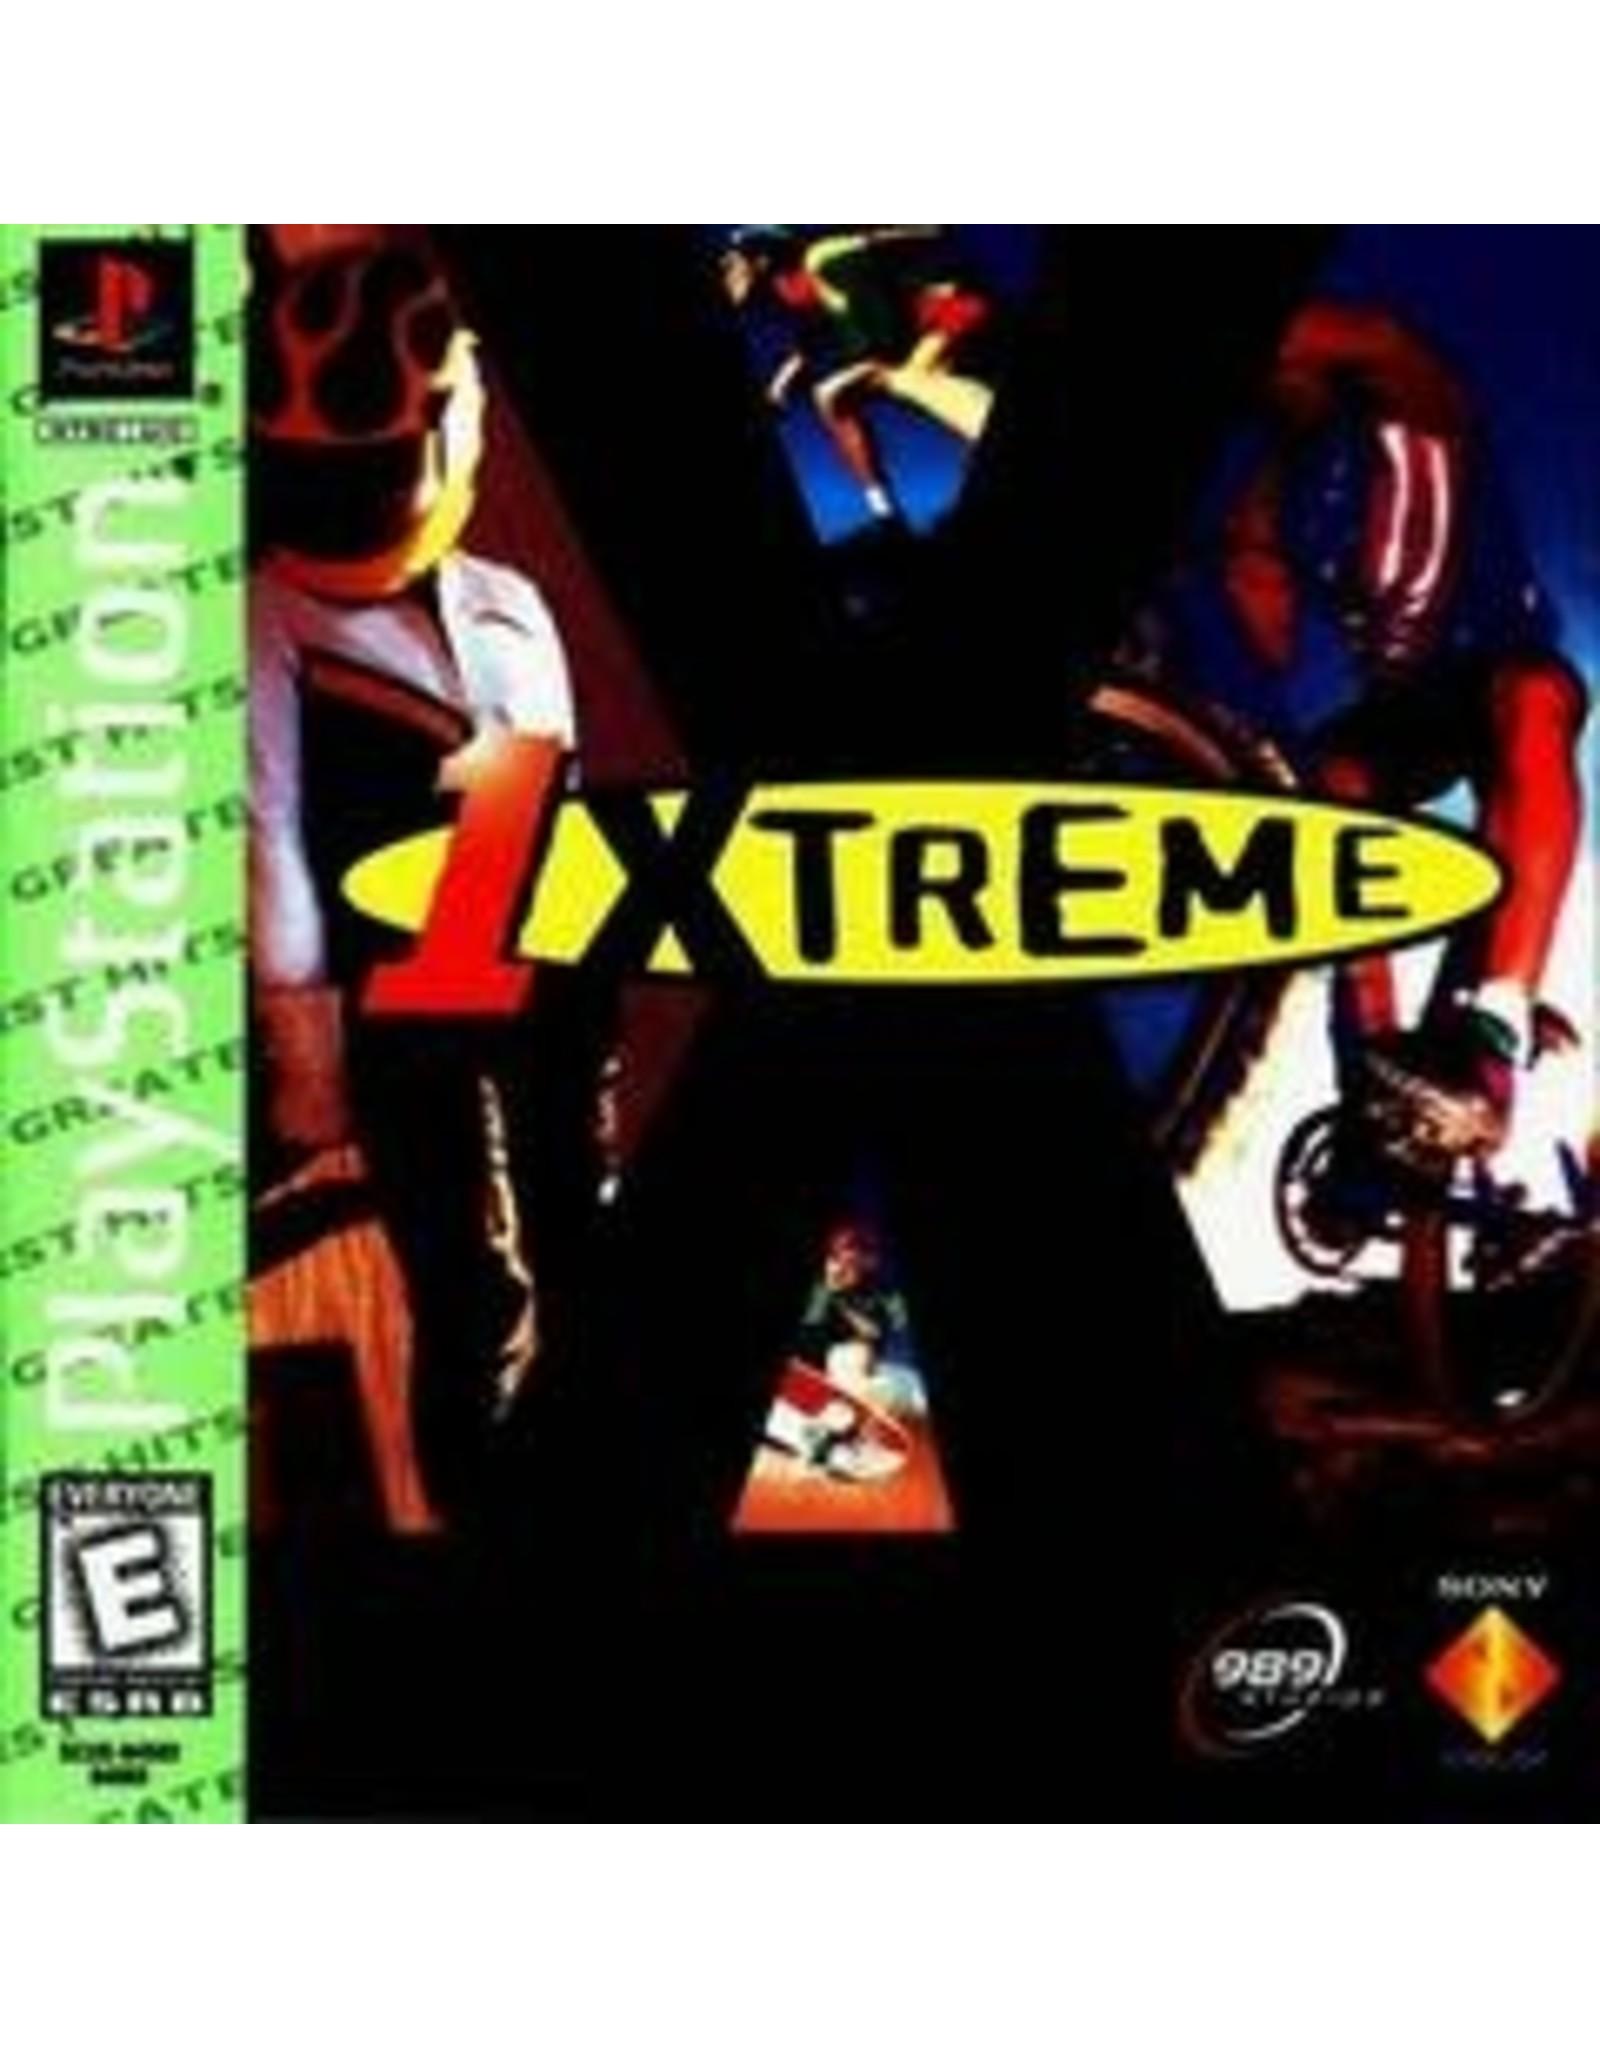 Playstation 1Xtreme (Greatest Hits, Damaged Manual, CiB)